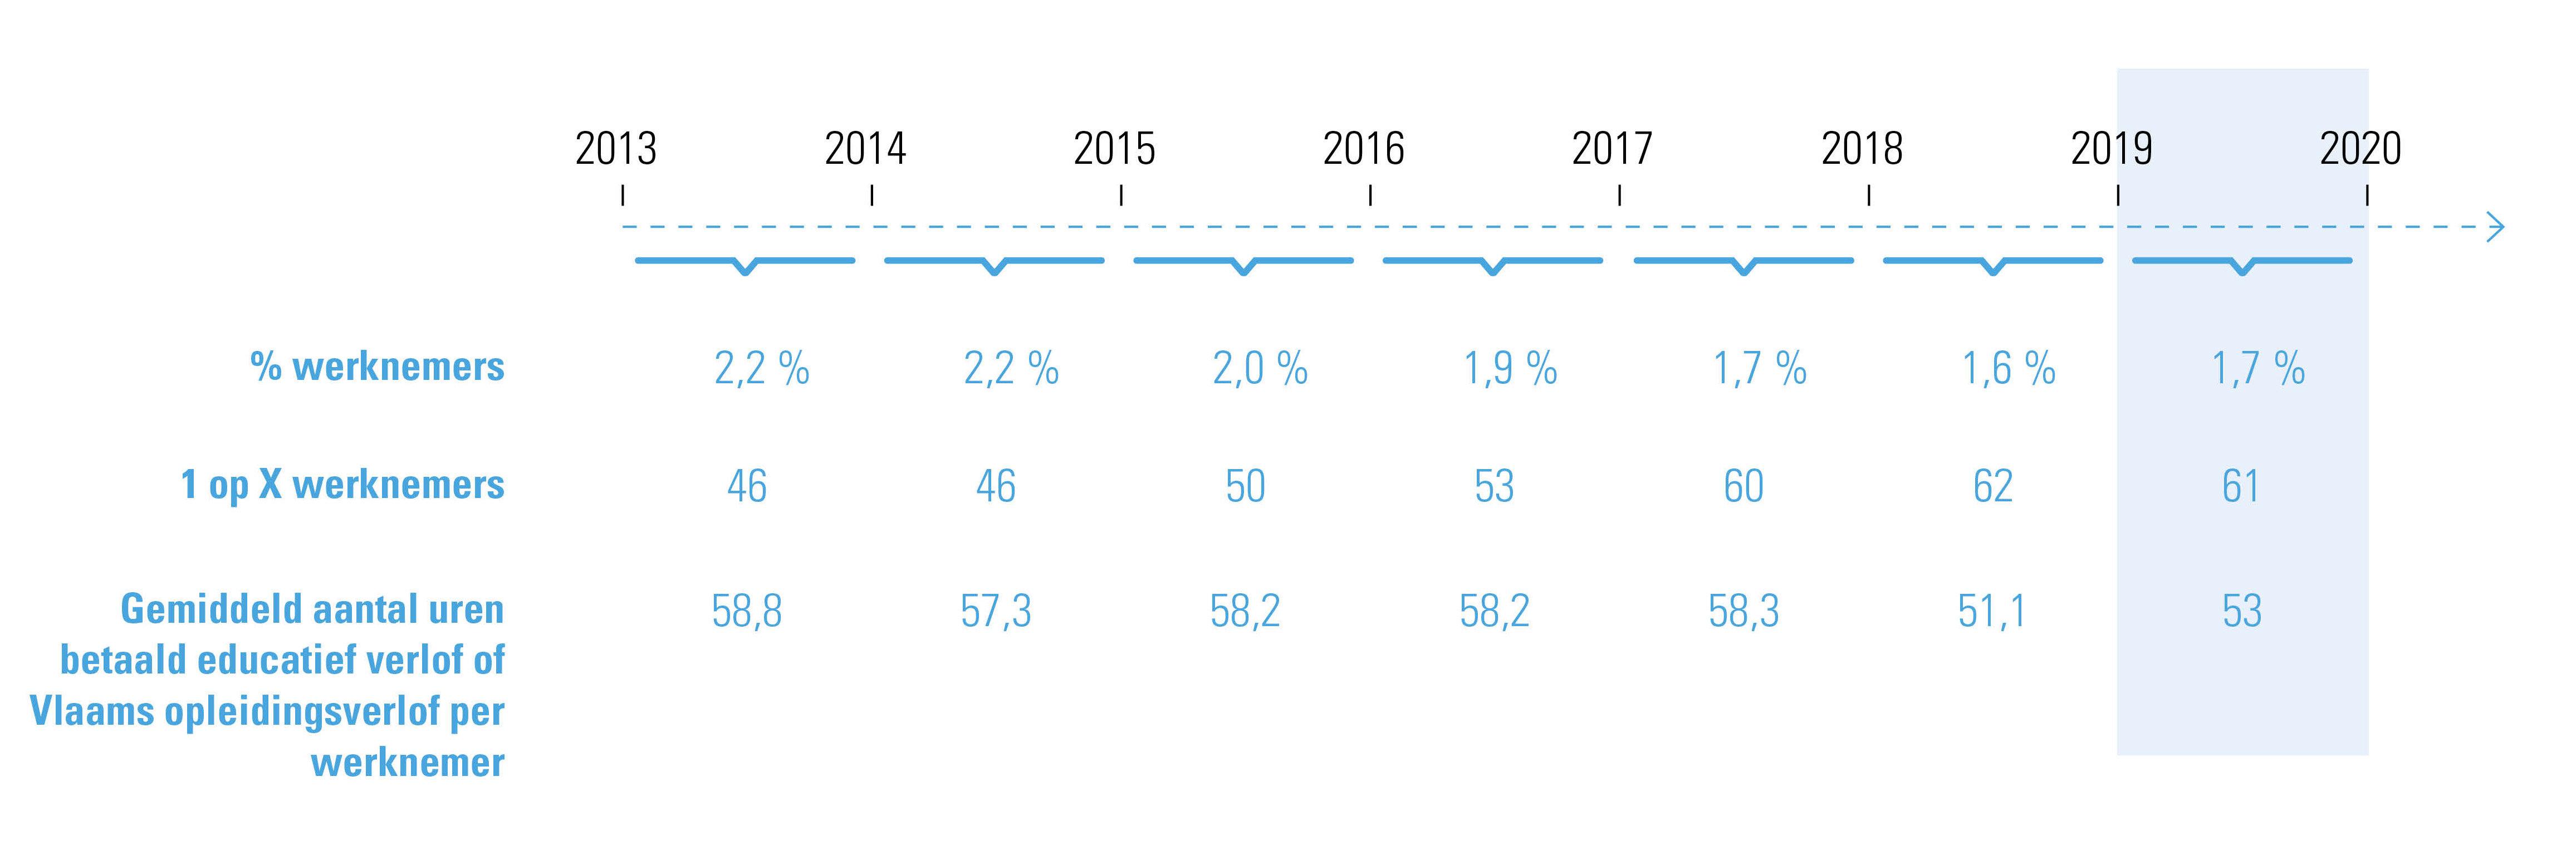 betaald educatief verlof in Vlaanderen/Vlaams opleidingsverlof van jaar 2013-2014 tot 2019-2020